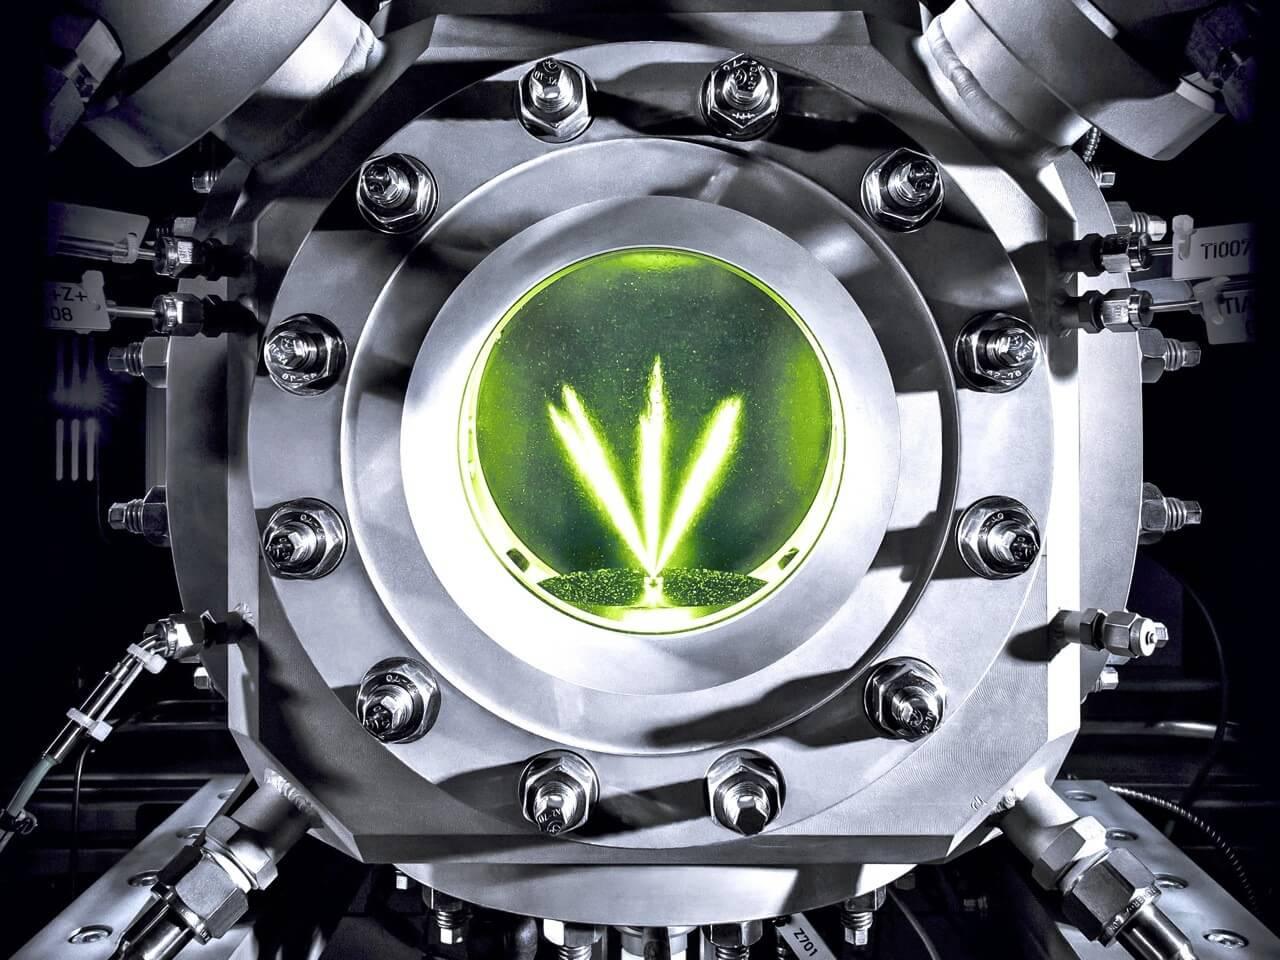 Прорыв: жидкое углеводородное топливо из СО2 и воды одностадийным процессом